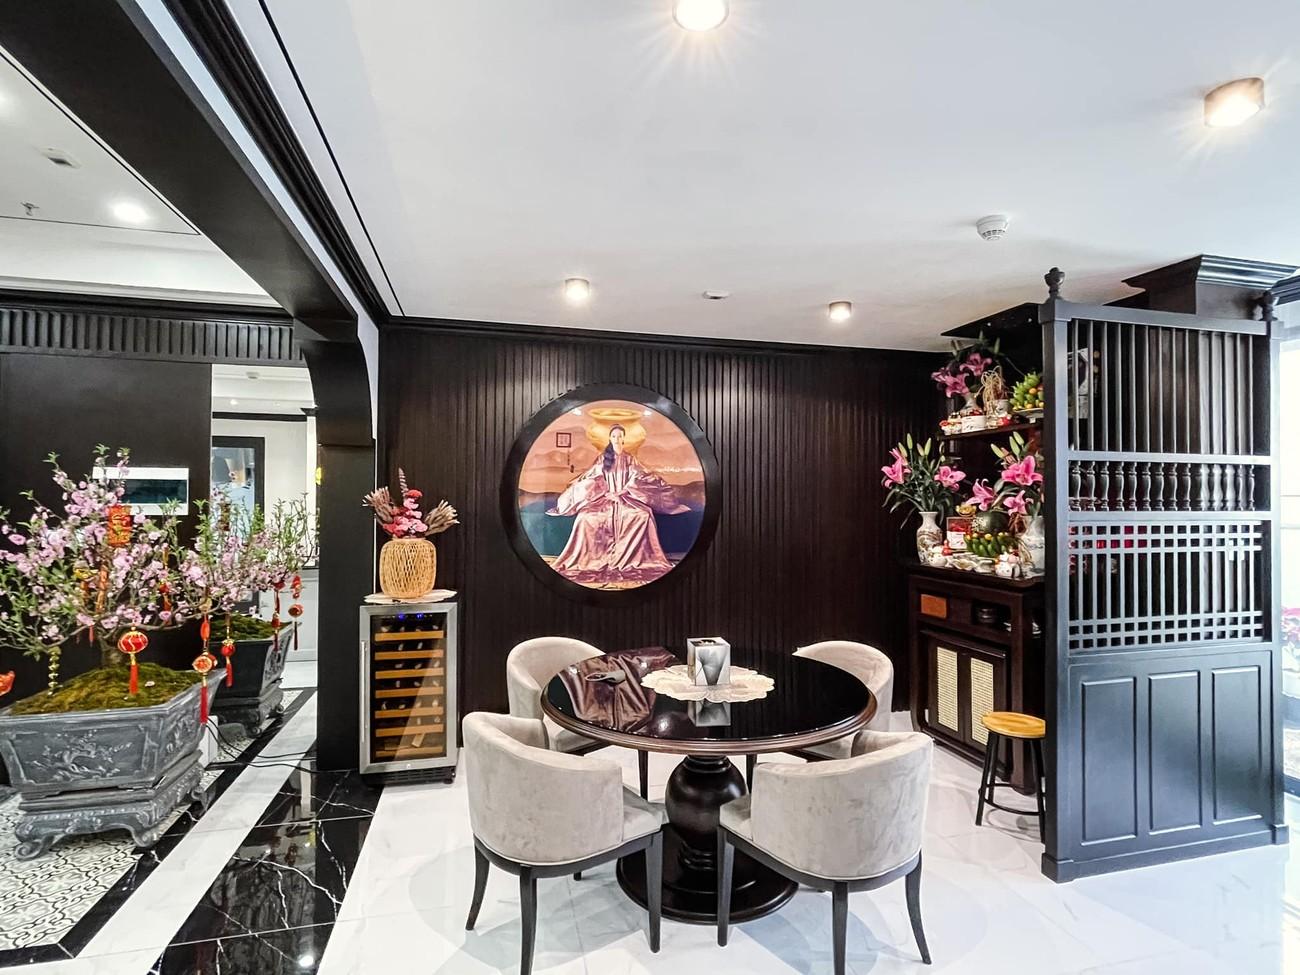 Cận cảnh căn hộ cao cấp, sang trọng như khách sạn của 'Quỳnh búp bê' Phương Oanh ảnh 1